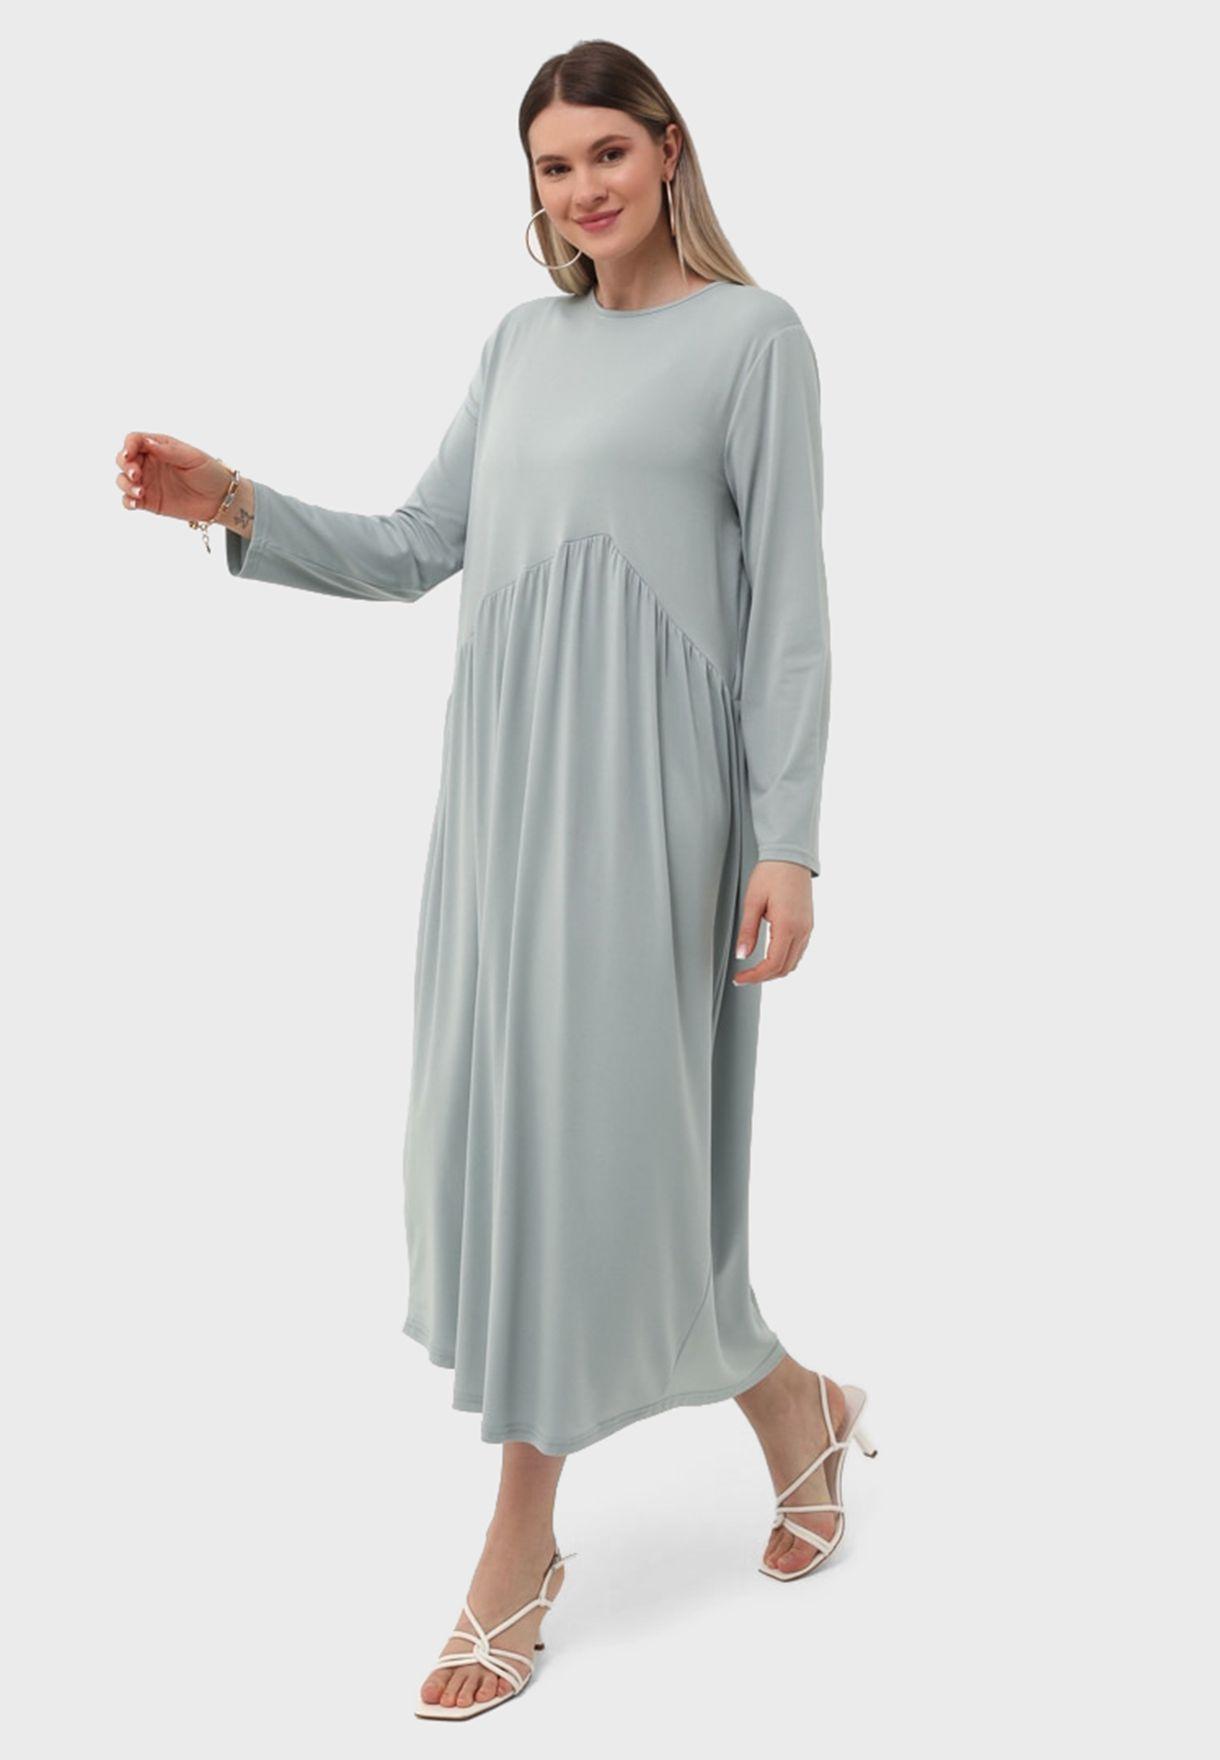 فستان بأطراف غير متماثلة الطول